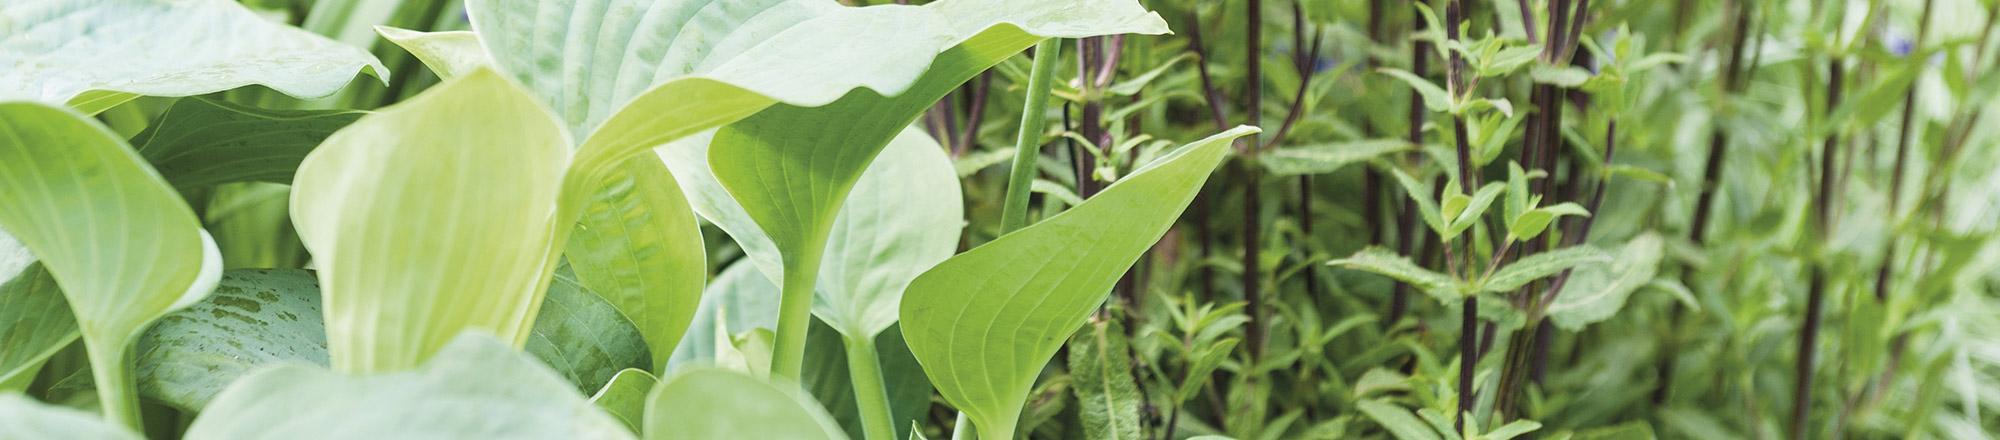 Een tuin border aanleggen met schaduwplanten